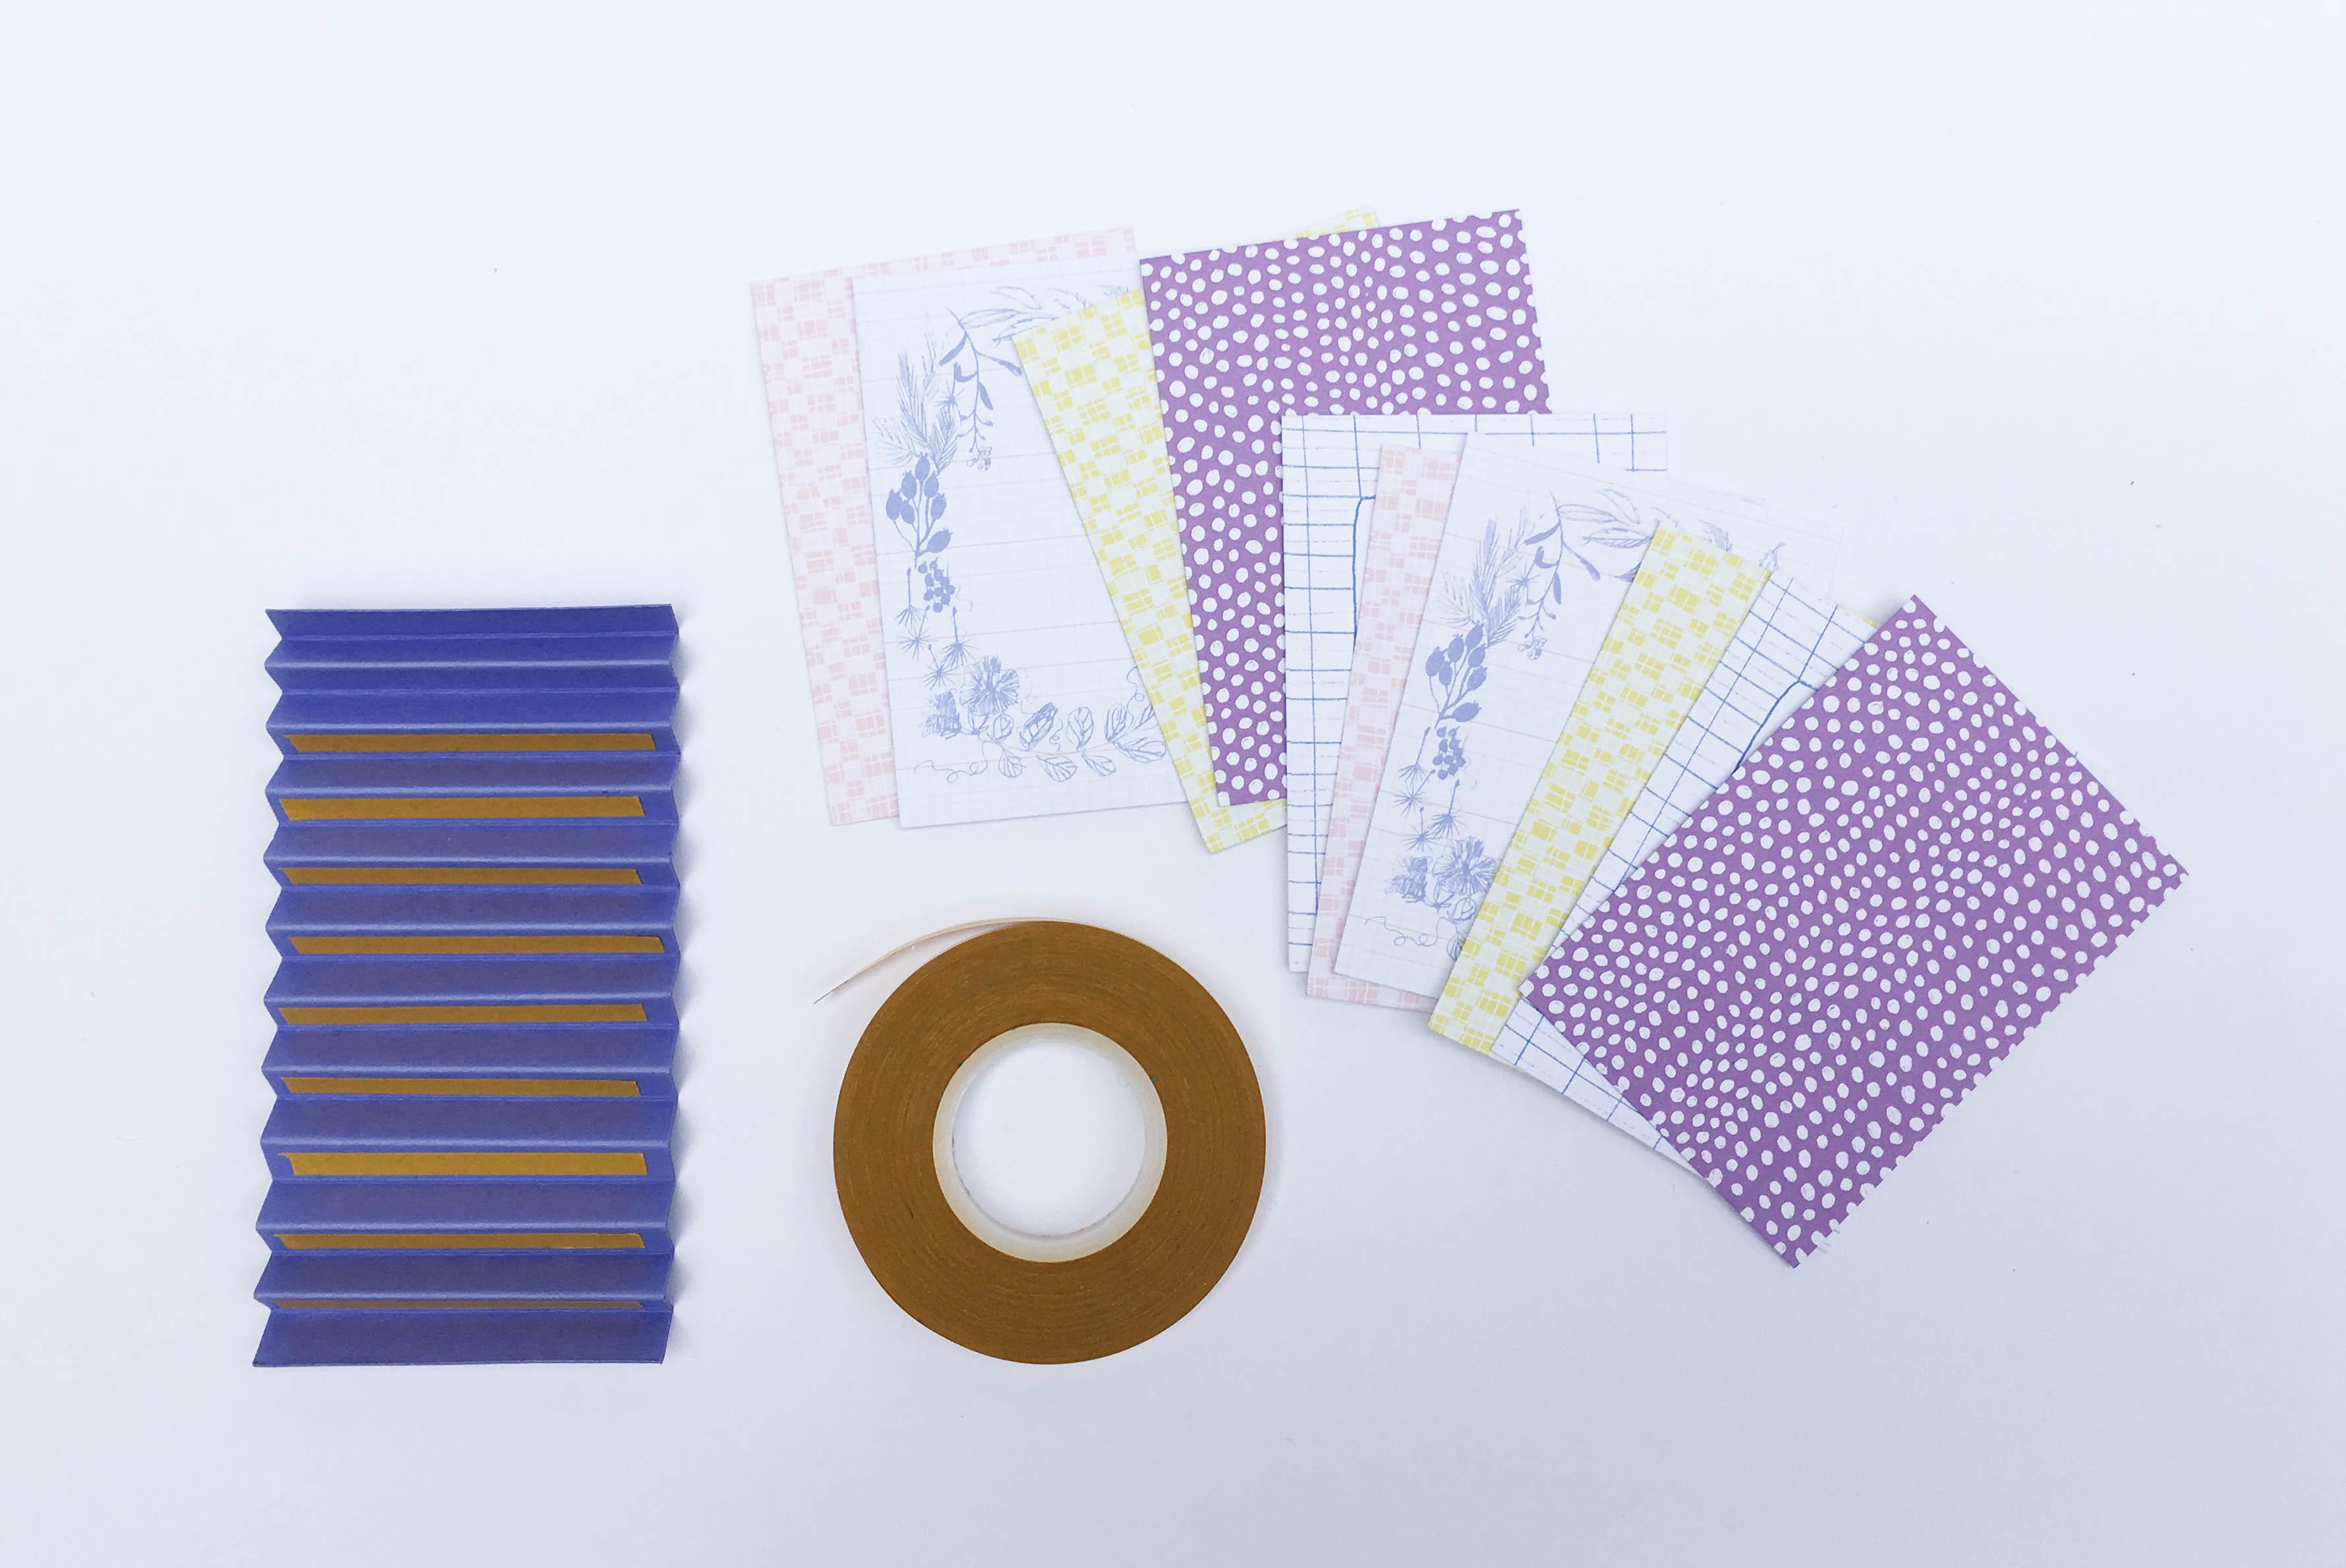 c04a harmonica rug met lang tape